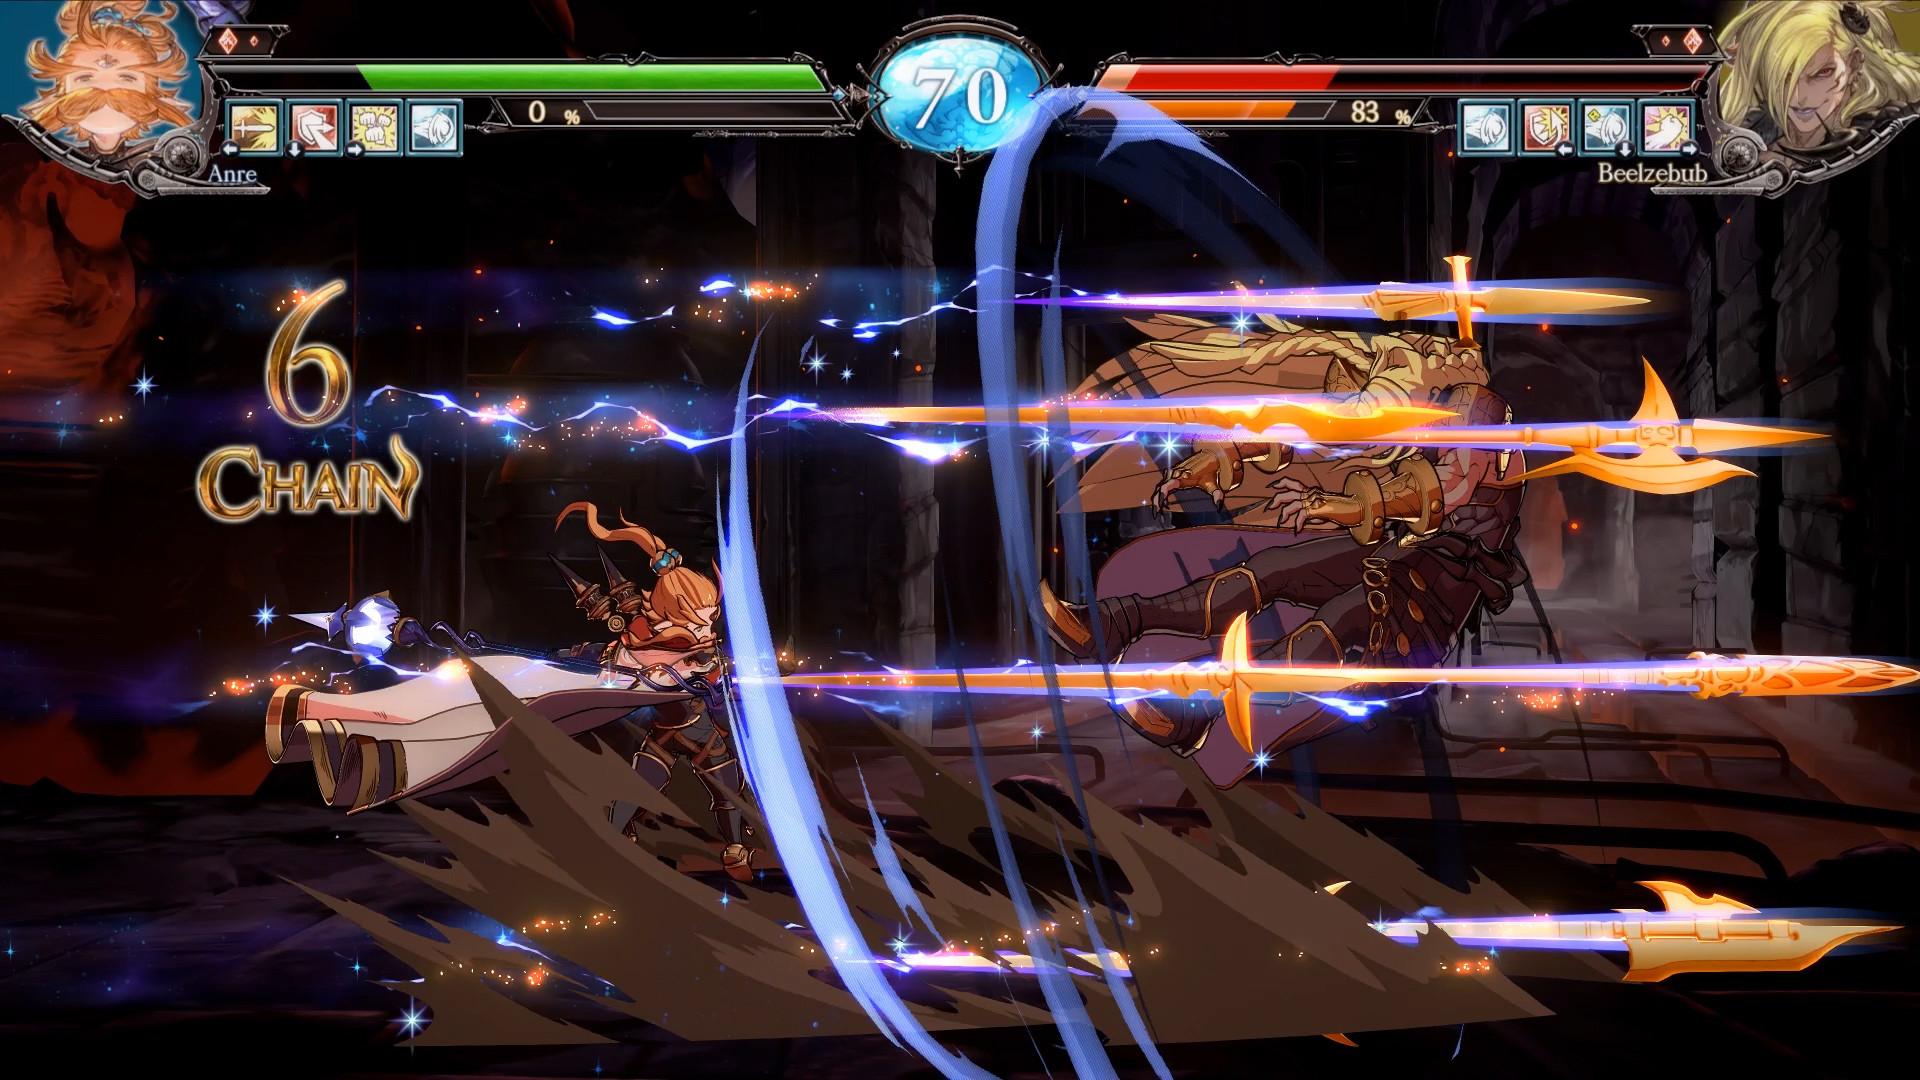 granblue-fantasy-versus-pc-screenshot-4